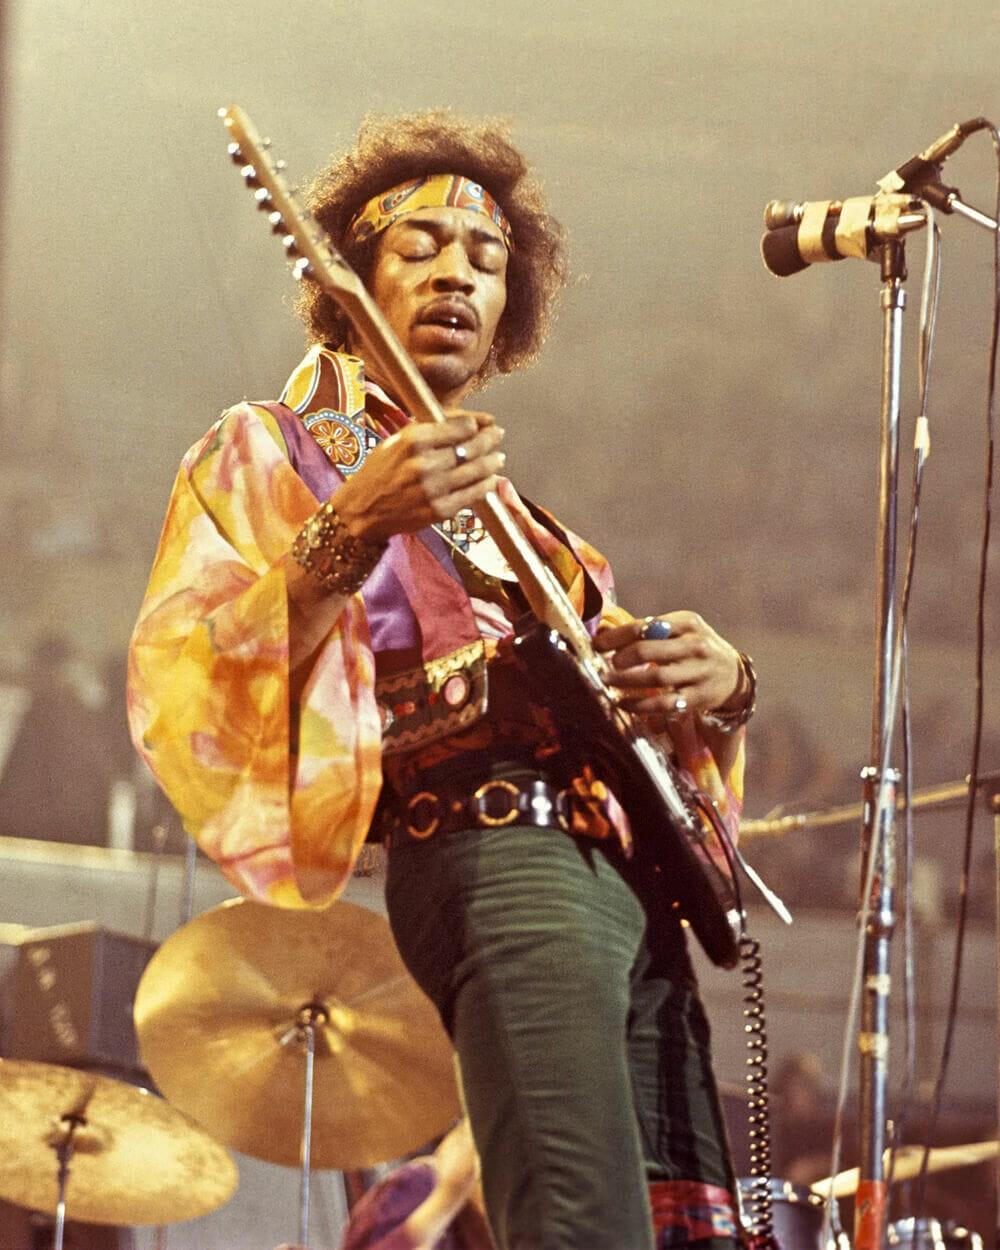 1970s Jimi Hendrix fashion